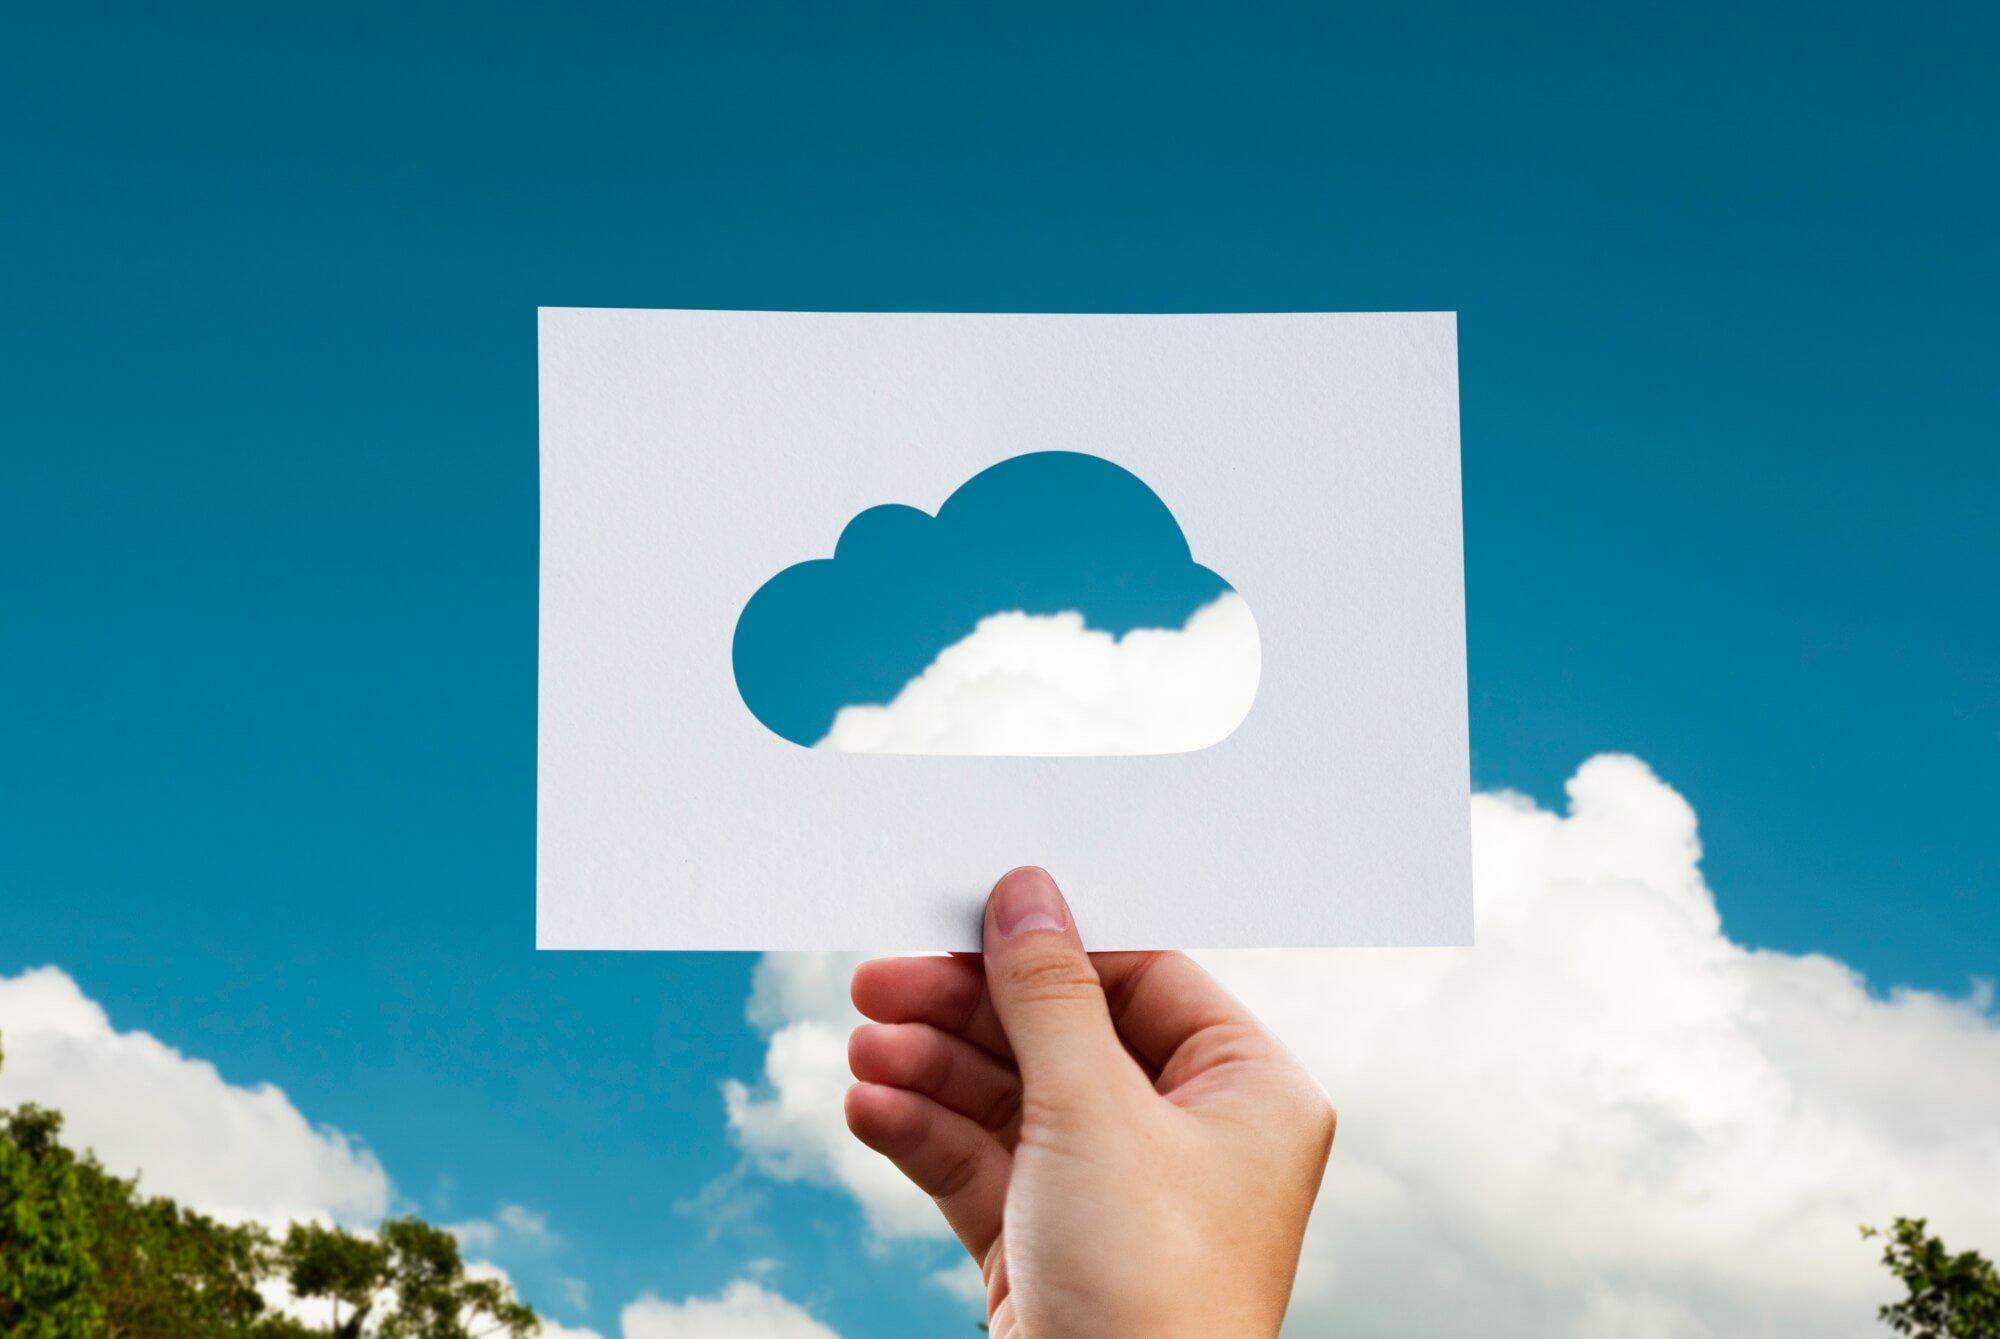 Platform-as-a-Service - cloud solution